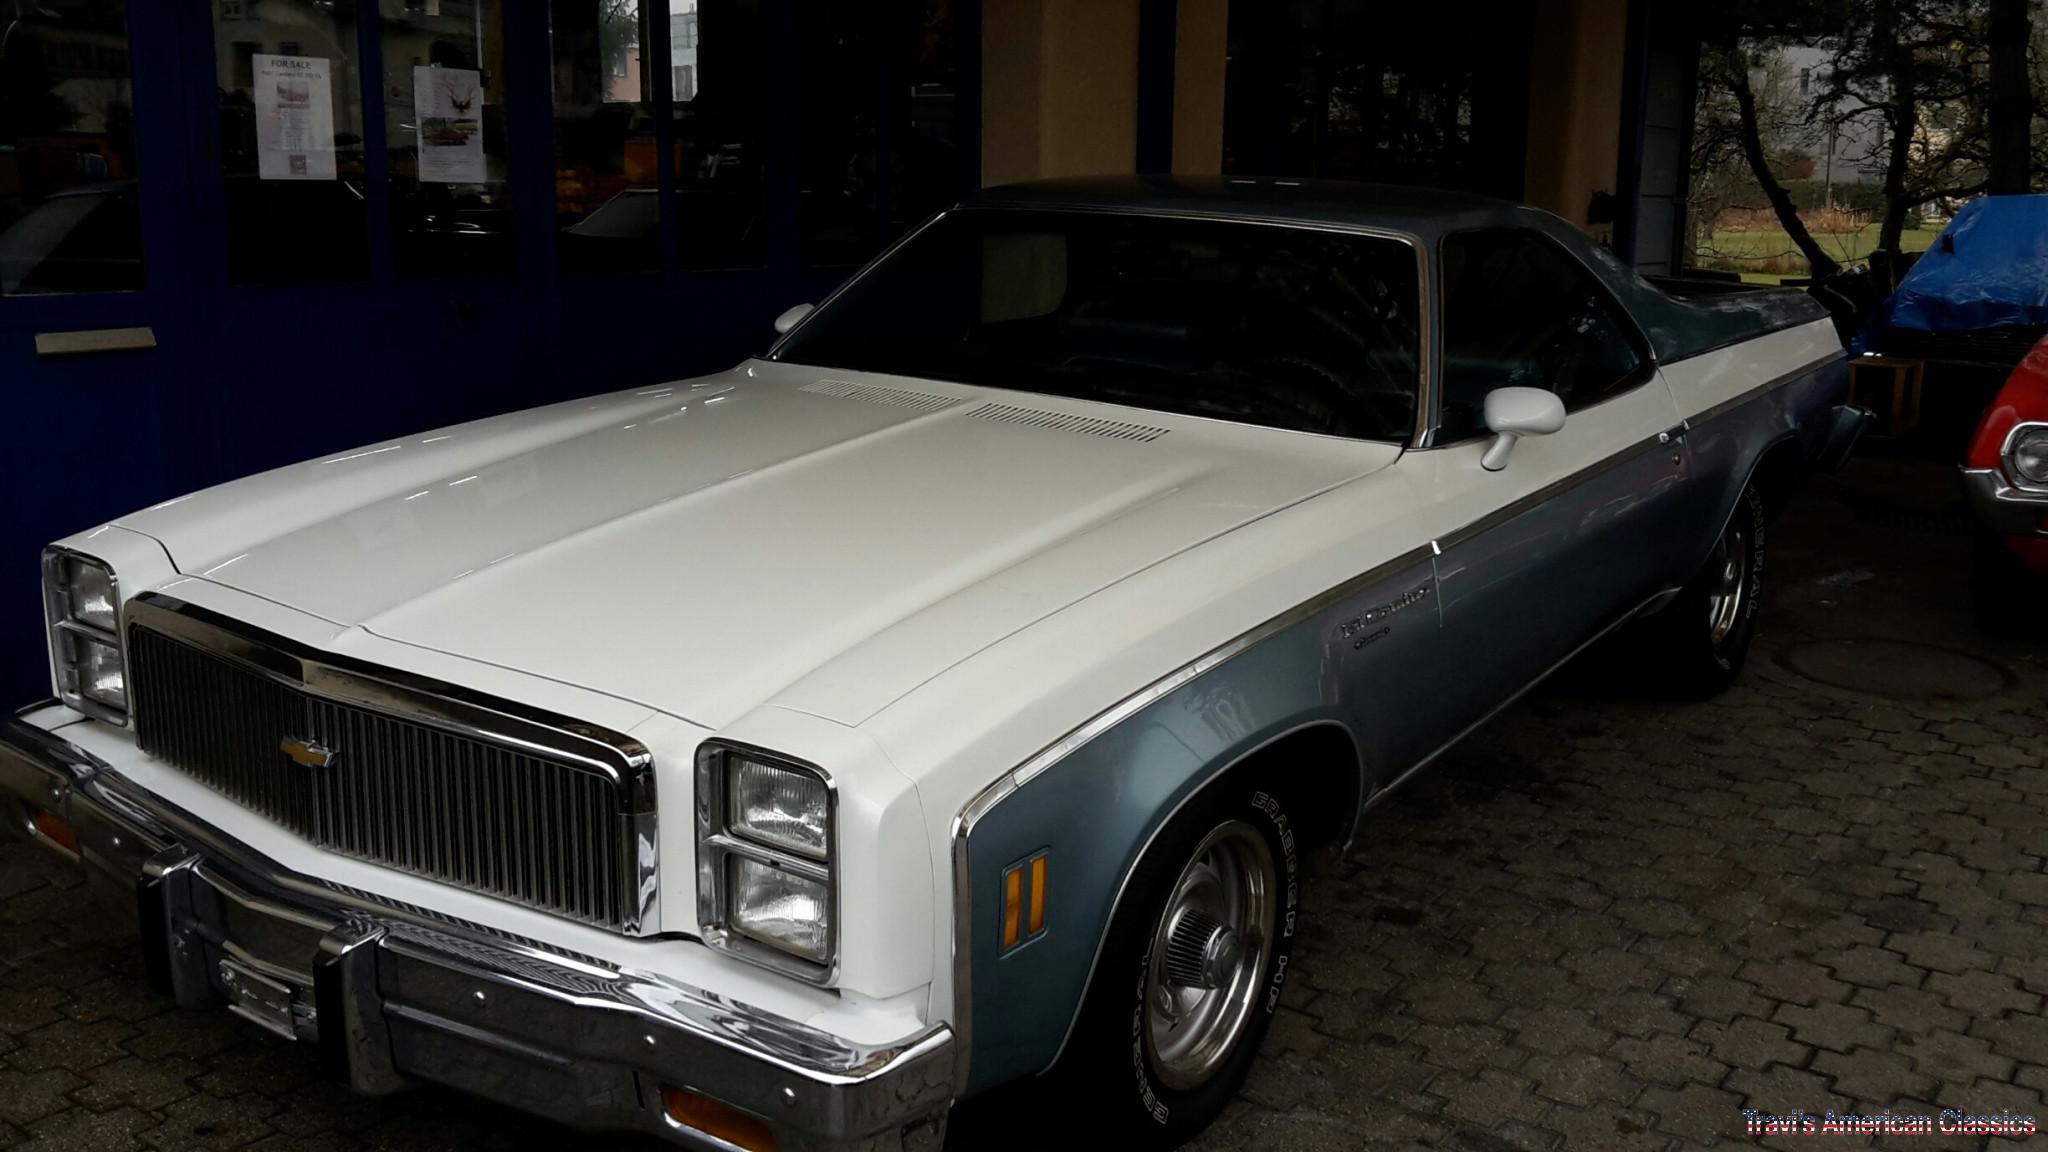 Chevrolet El Camino, Bj 1977